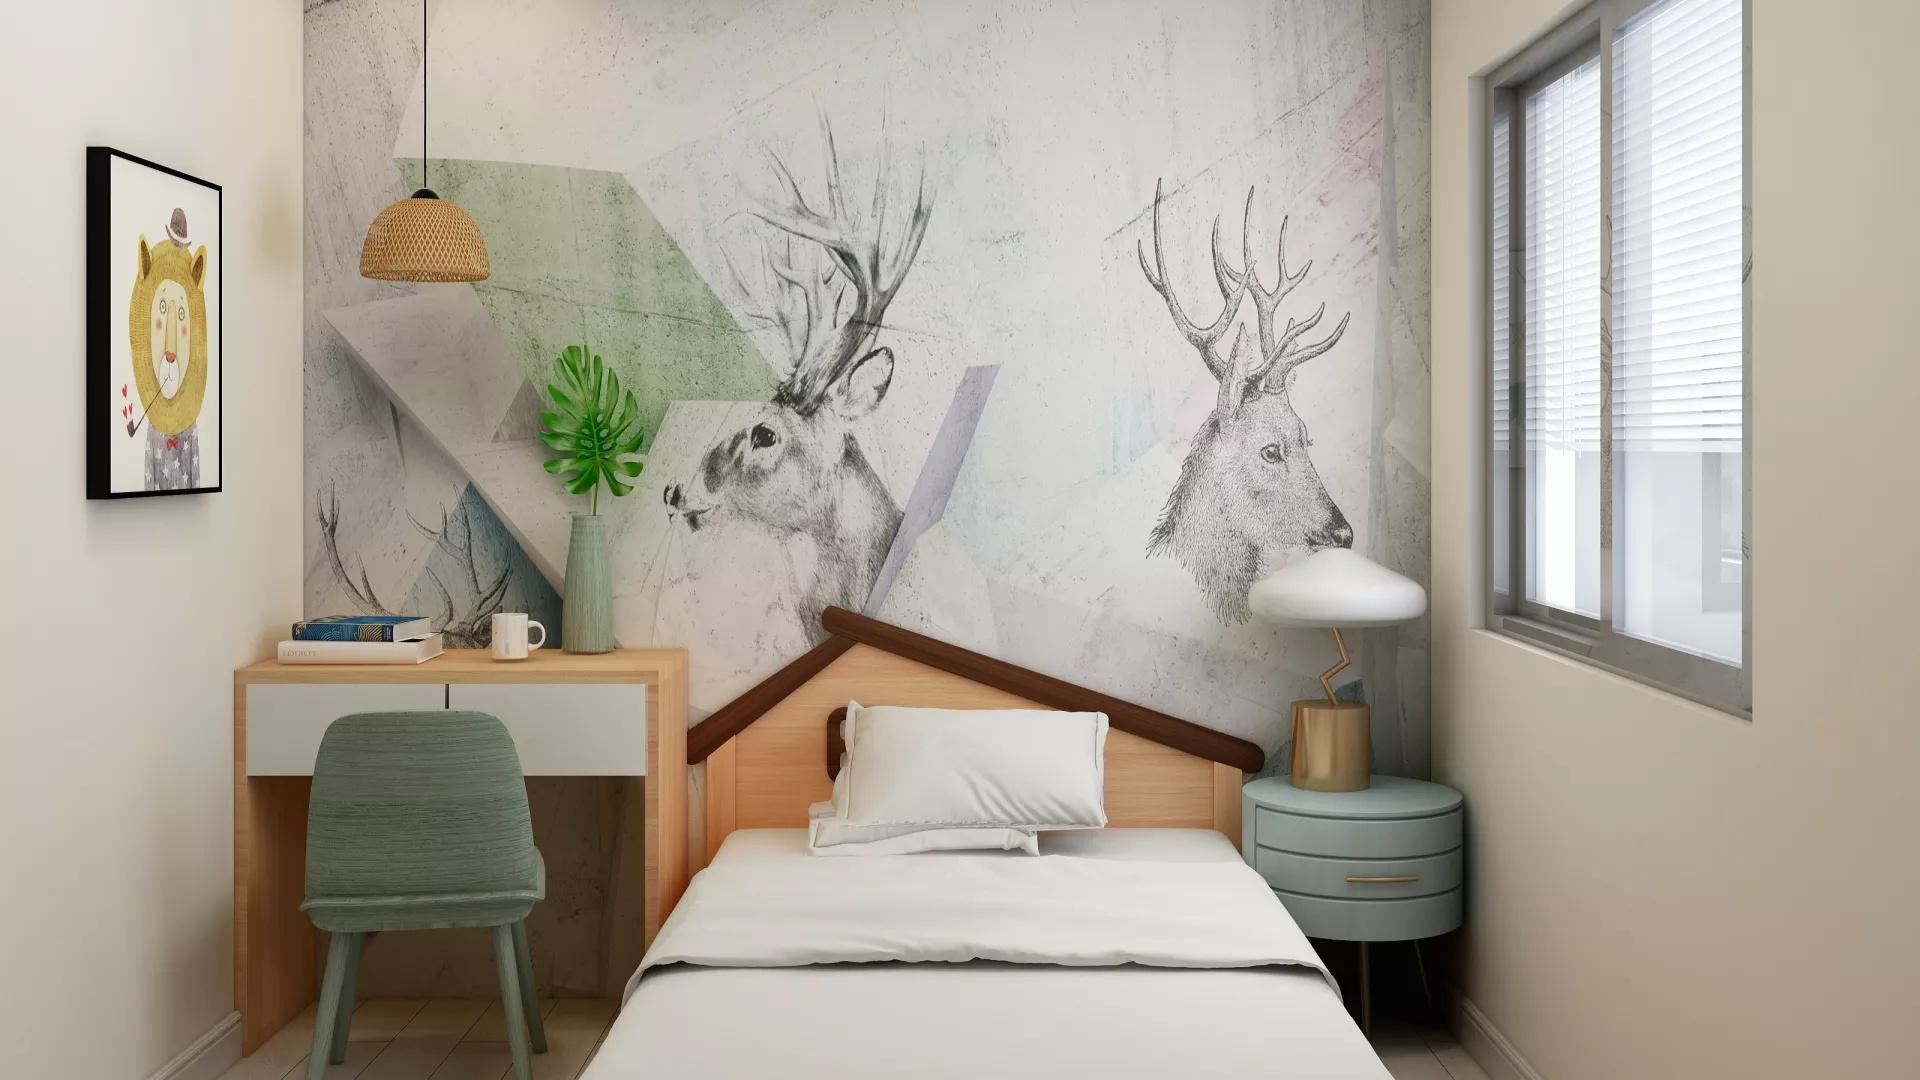 卧室的床正对着门对风水有影响吗 卧室的床怎么摆放对风水好